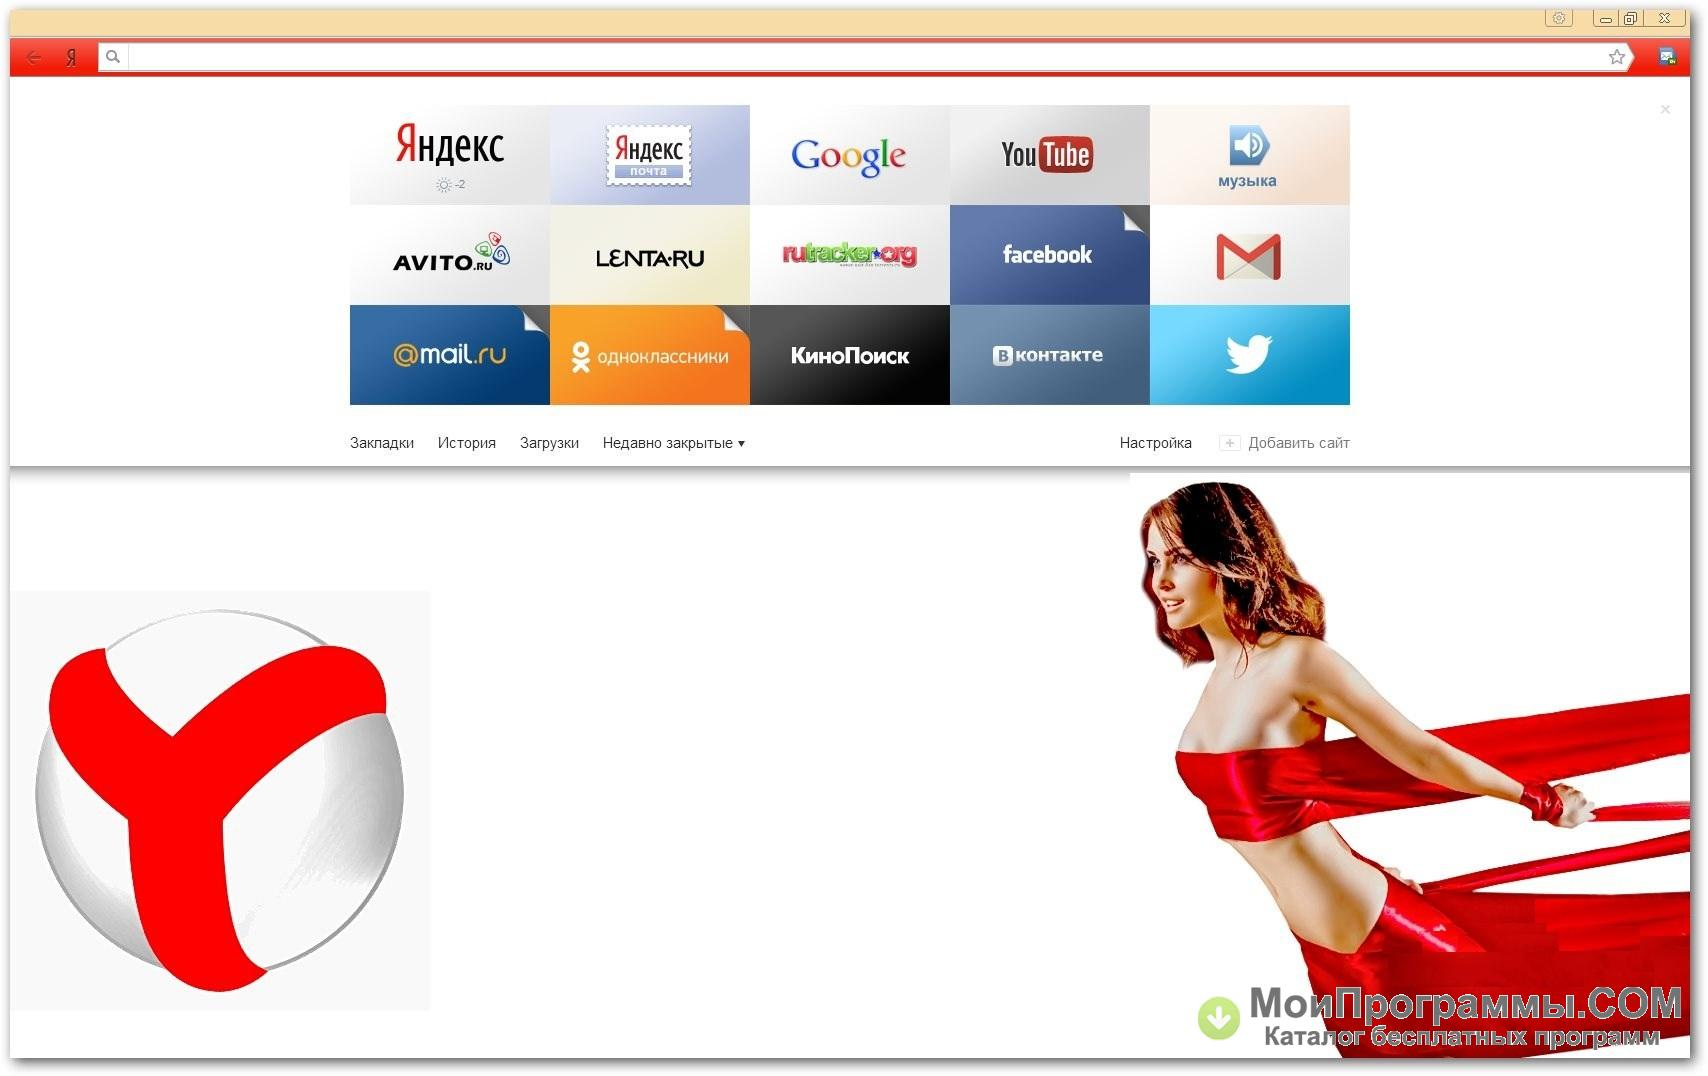 Yandexbrowser 15 download kostenlos - yandex-browser mache ich es schnell und einfach auf das internet zugreifen